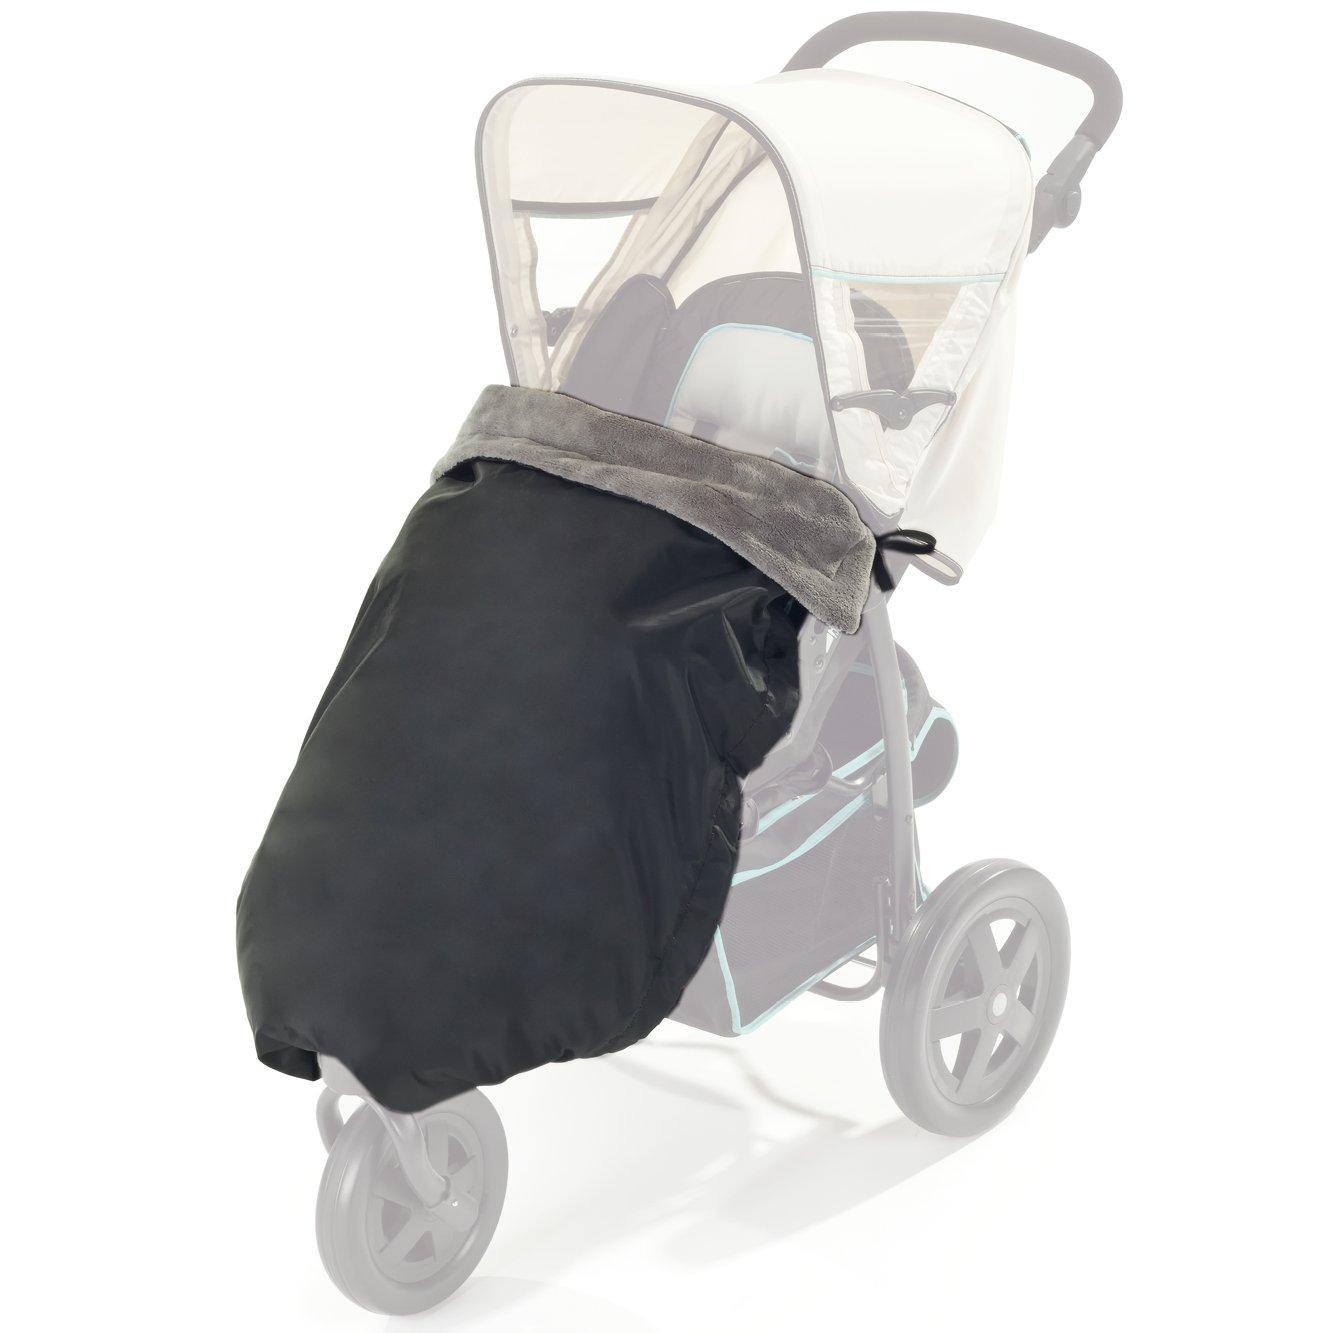 DIAGO 30055.90771 - Manta térmica para cochecito de bebé (100 x 75cm), color negro y gris